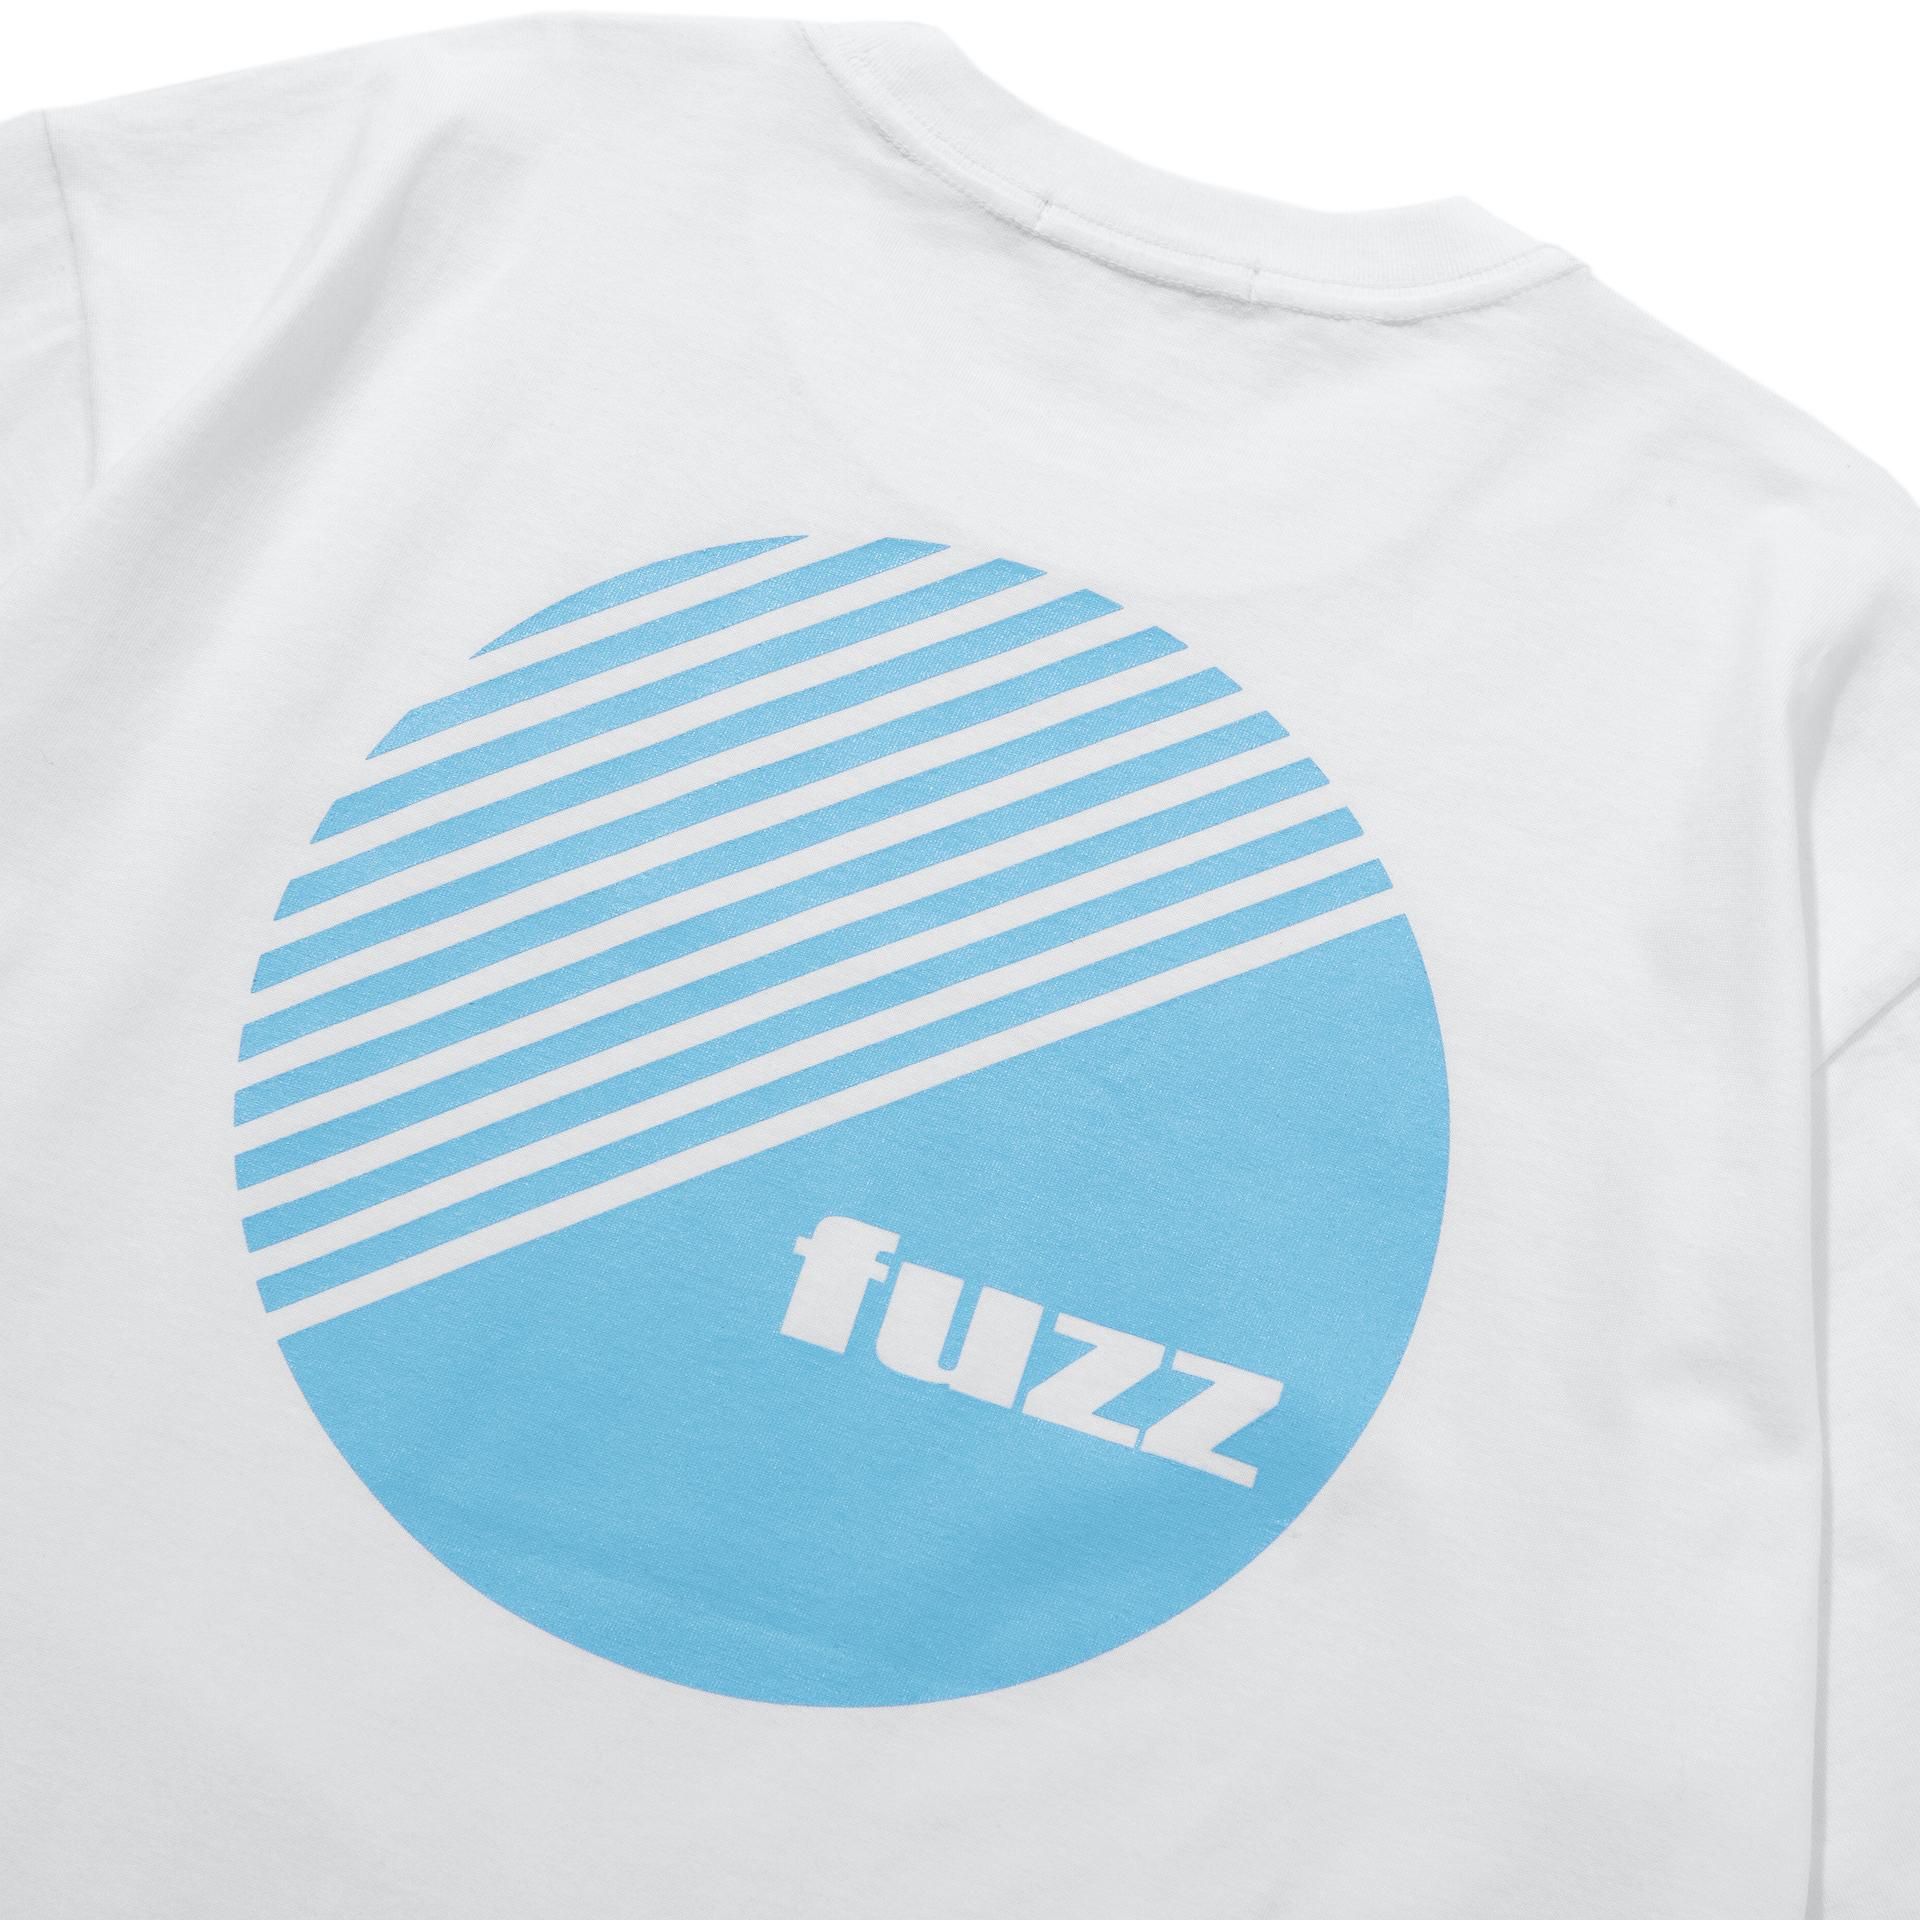 퍼즈(FUZZ) FUZZ BASIC LOGO TEE white